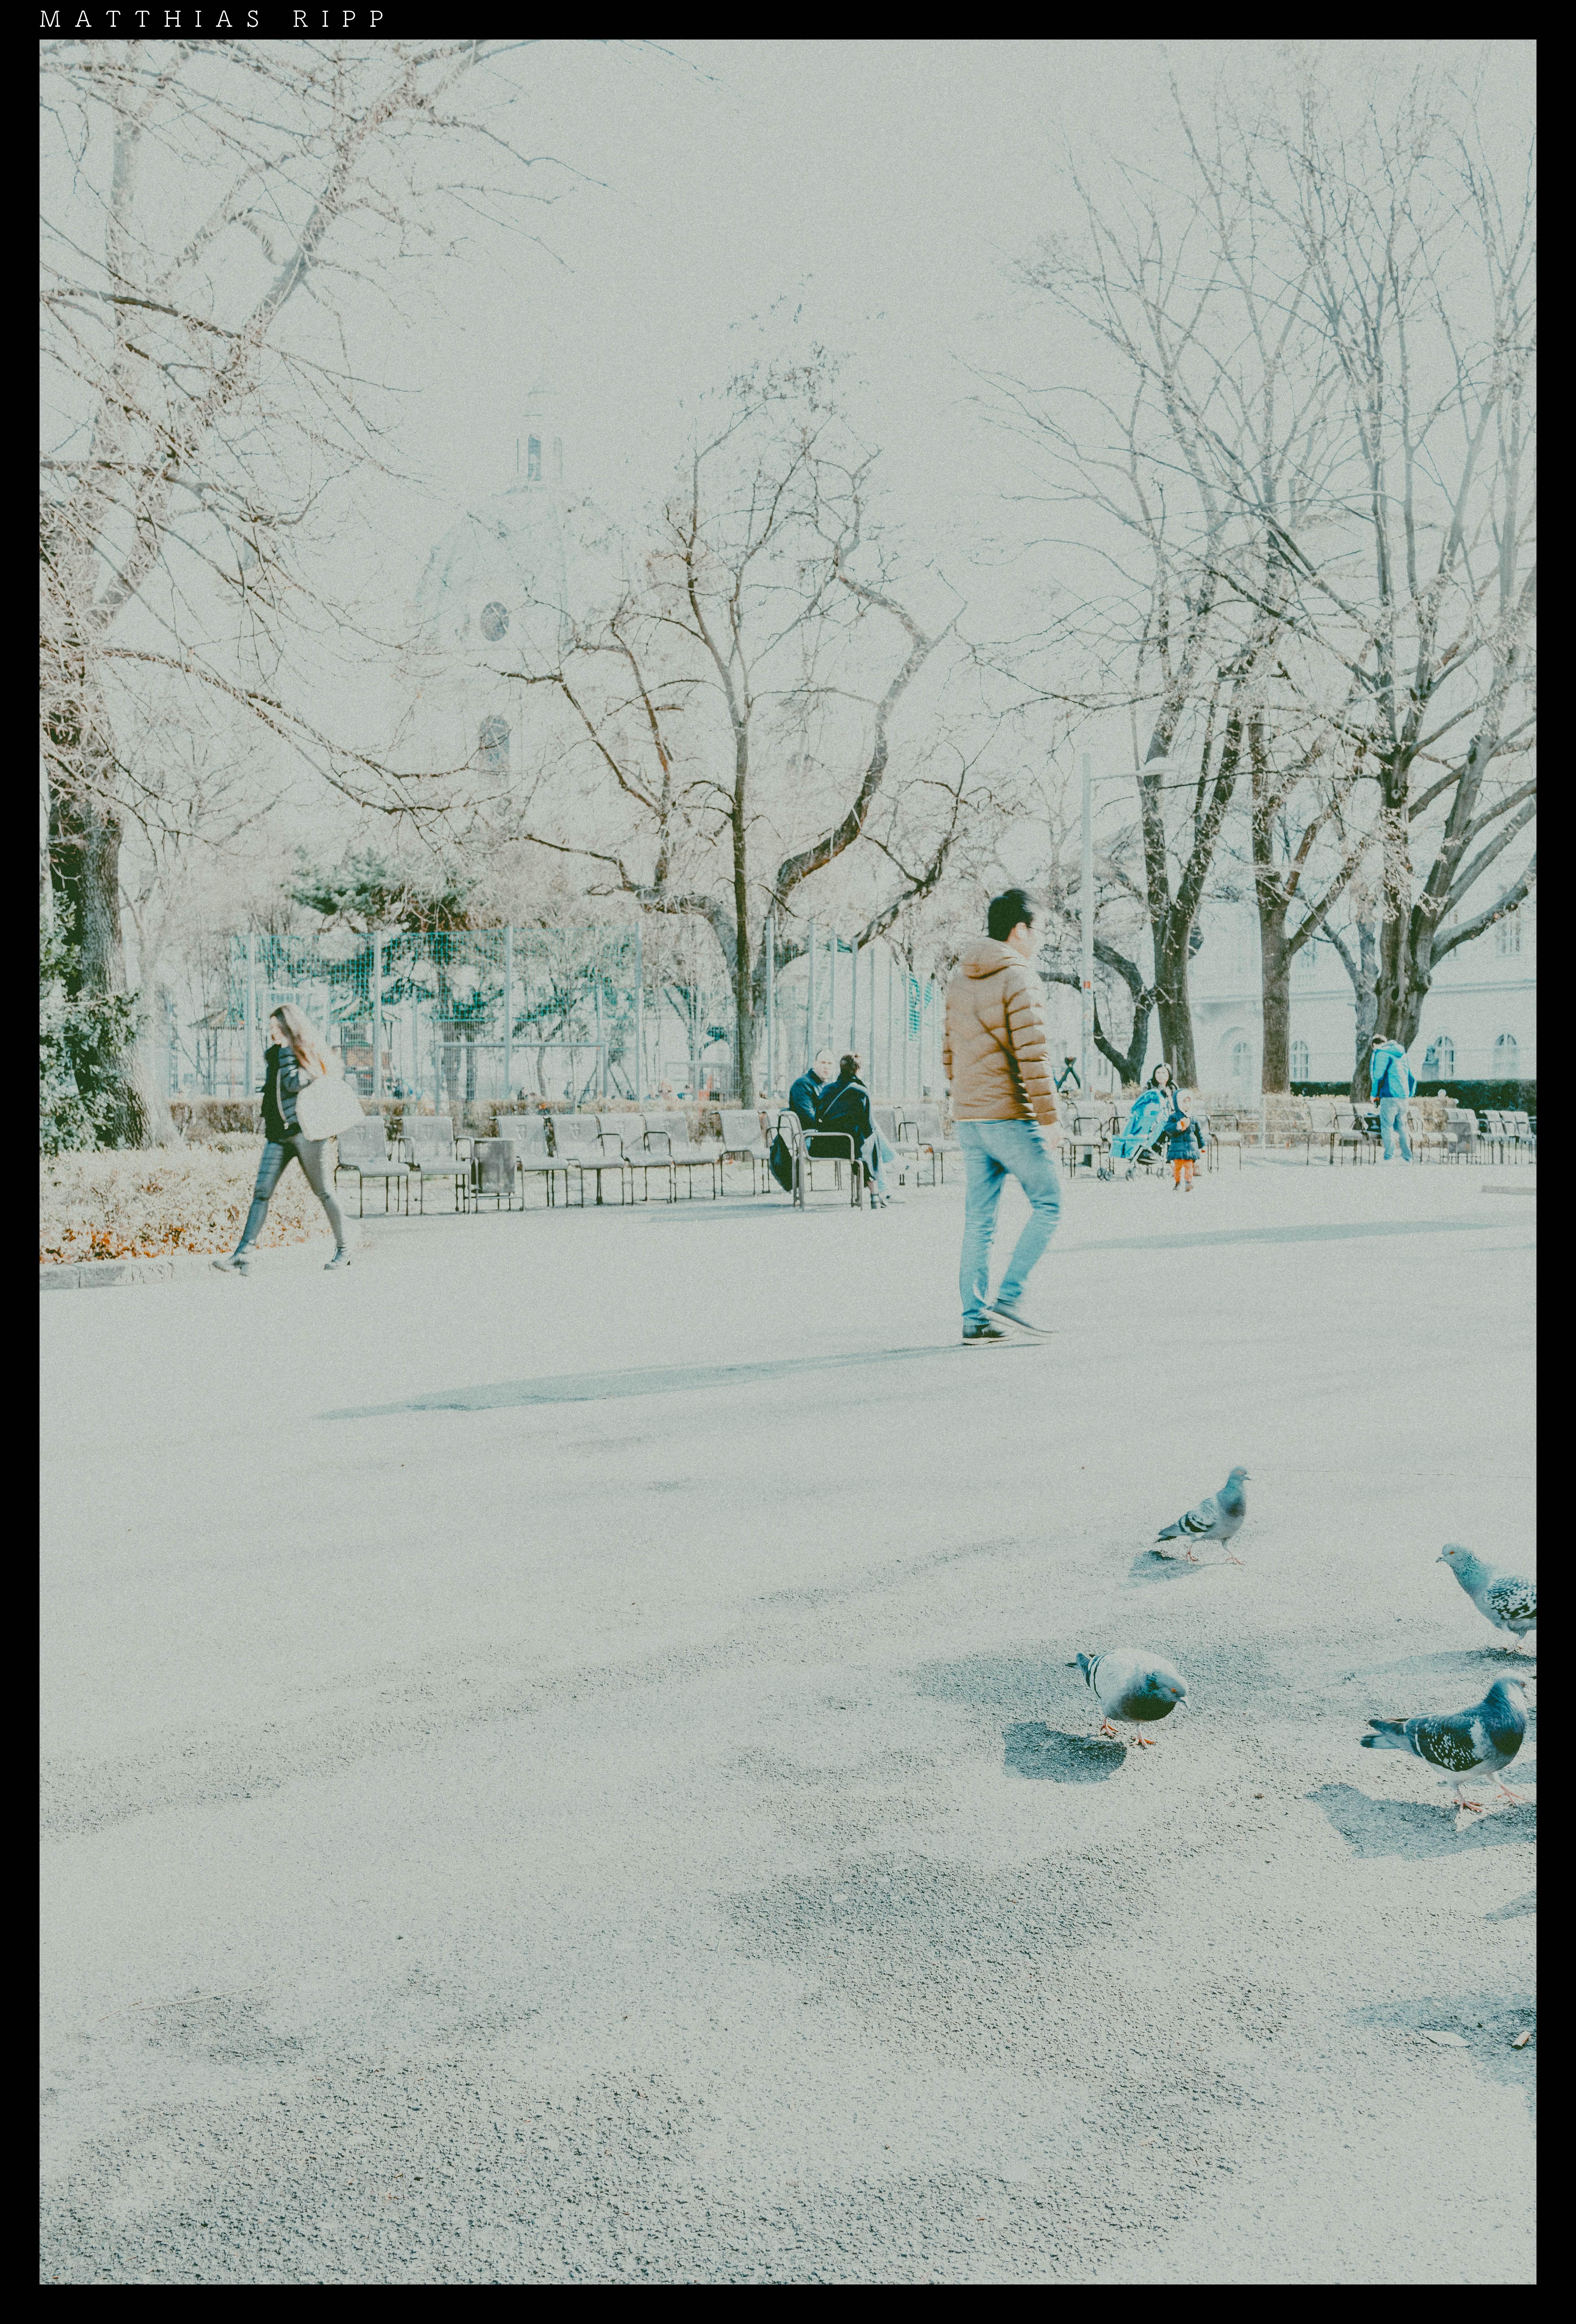 Fotoğraf Kar Kış Soyut Beyaz Sokak şehir Hayvan Kentsel